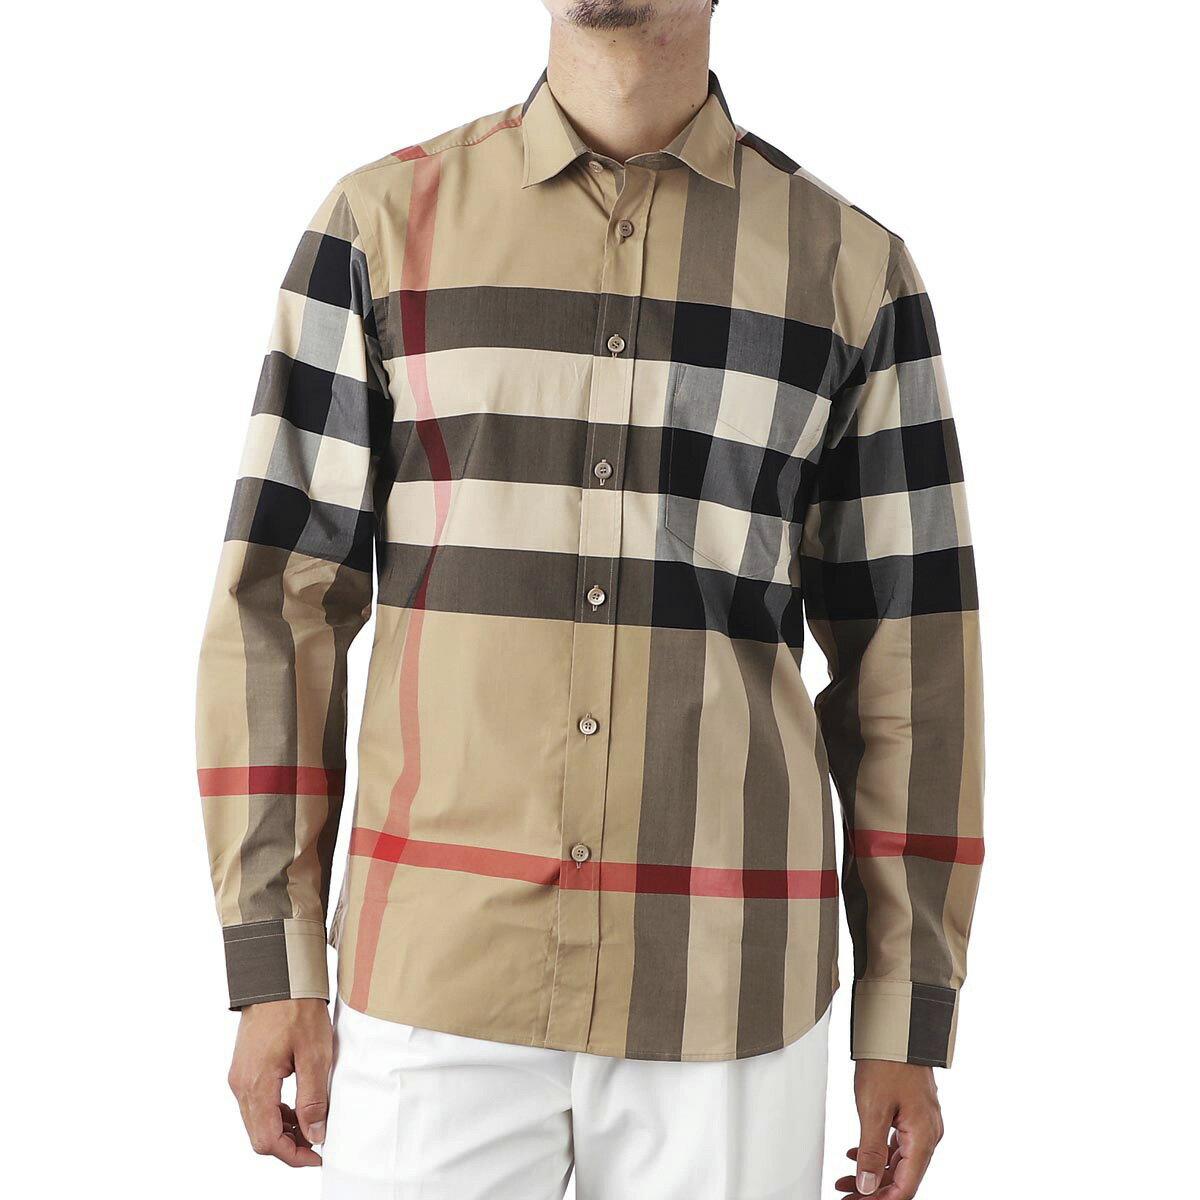 トップス, カジュアルシャツ  BURBERRY 8010213 archivebeige ip check CHECK STRETCH COTTON POPLIN SHIRT